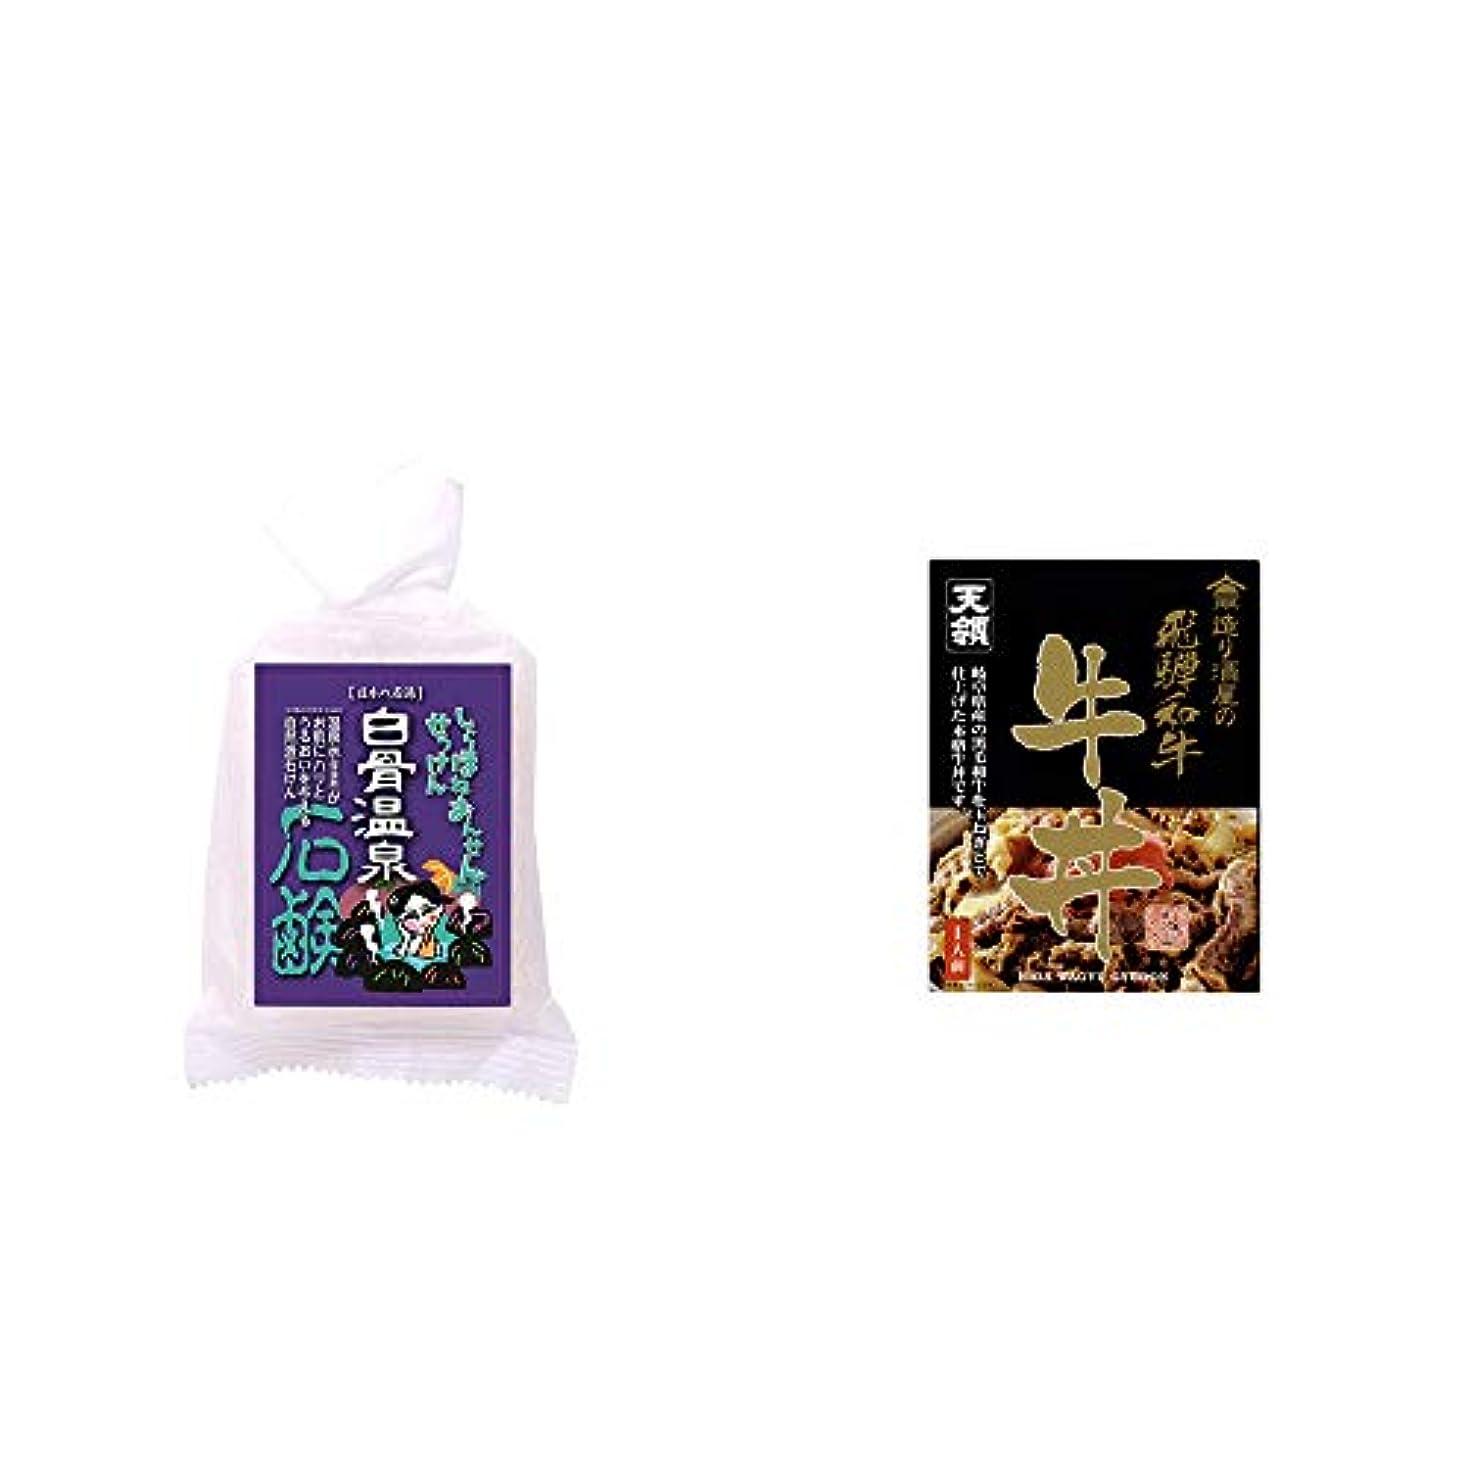 [2点セット] 信州 白骨温泉石鹸(80g)?天領酒造 造り酒屋の飛騨和牛 牛丼(1人前)